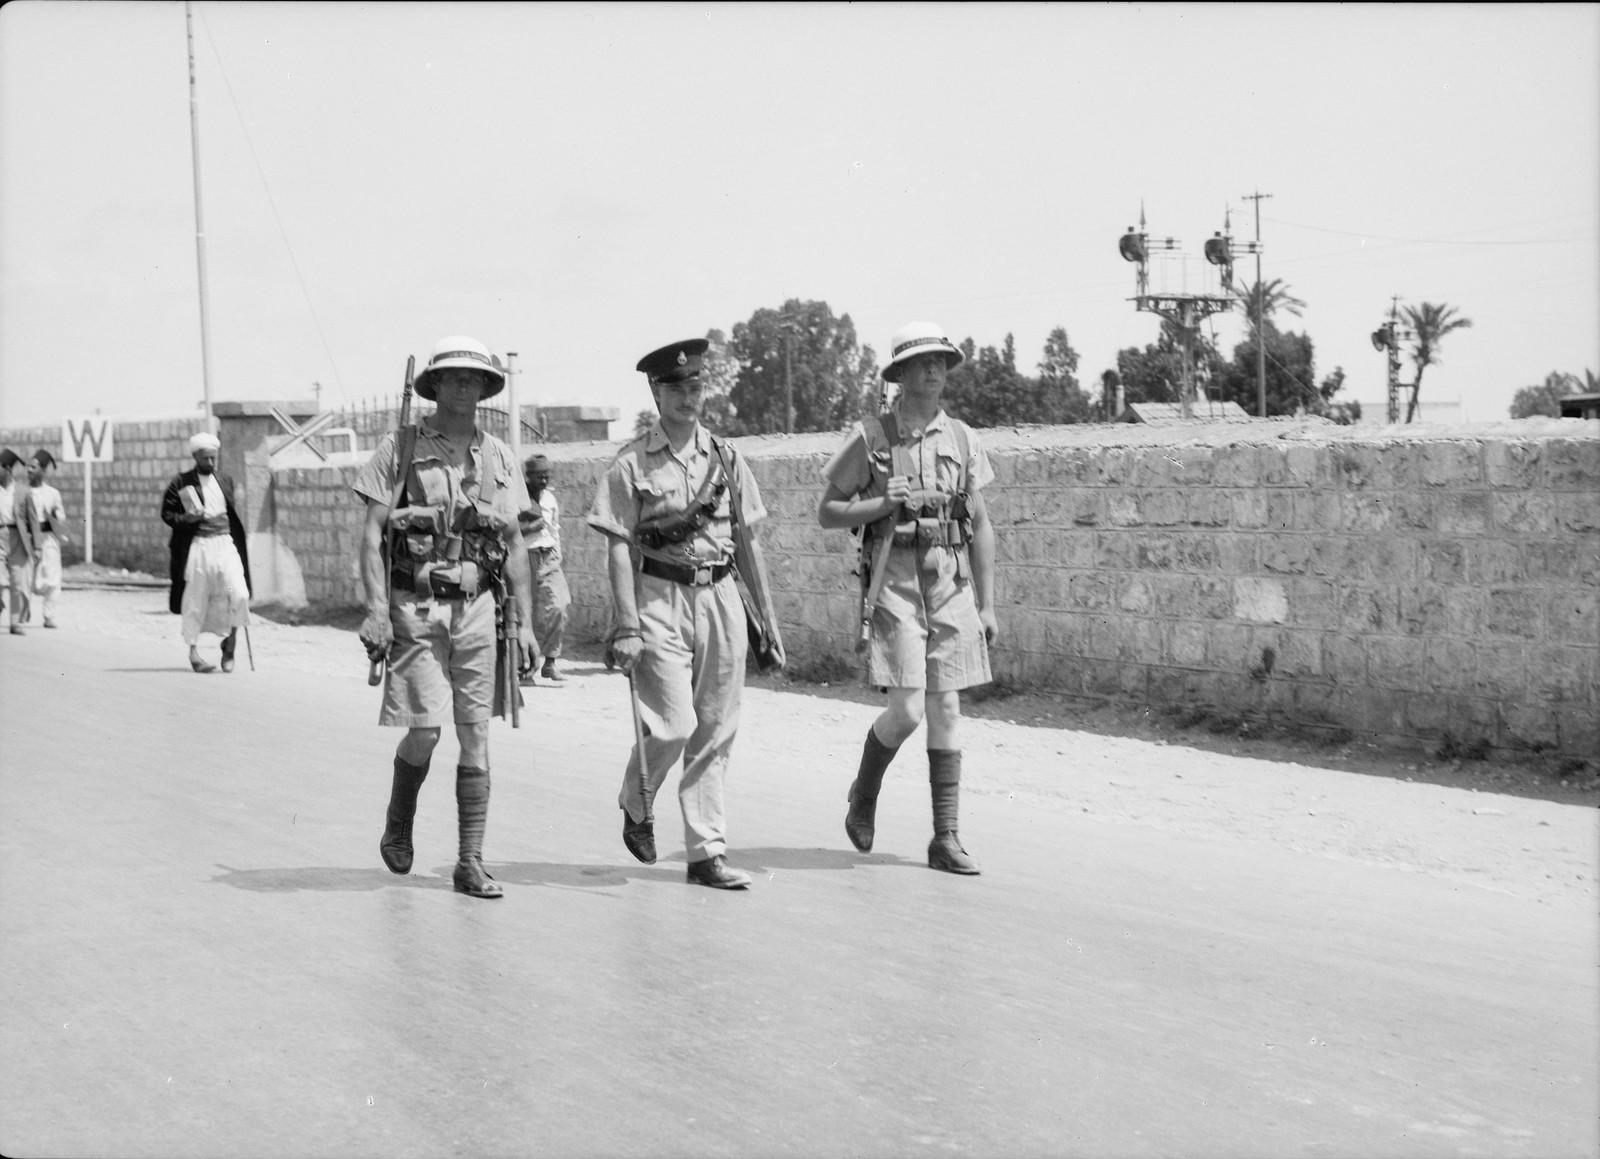 03. Арабский террор. Два морских пехотинца и один британский полицейский патрулируют Назарет-роуд в Хайфе